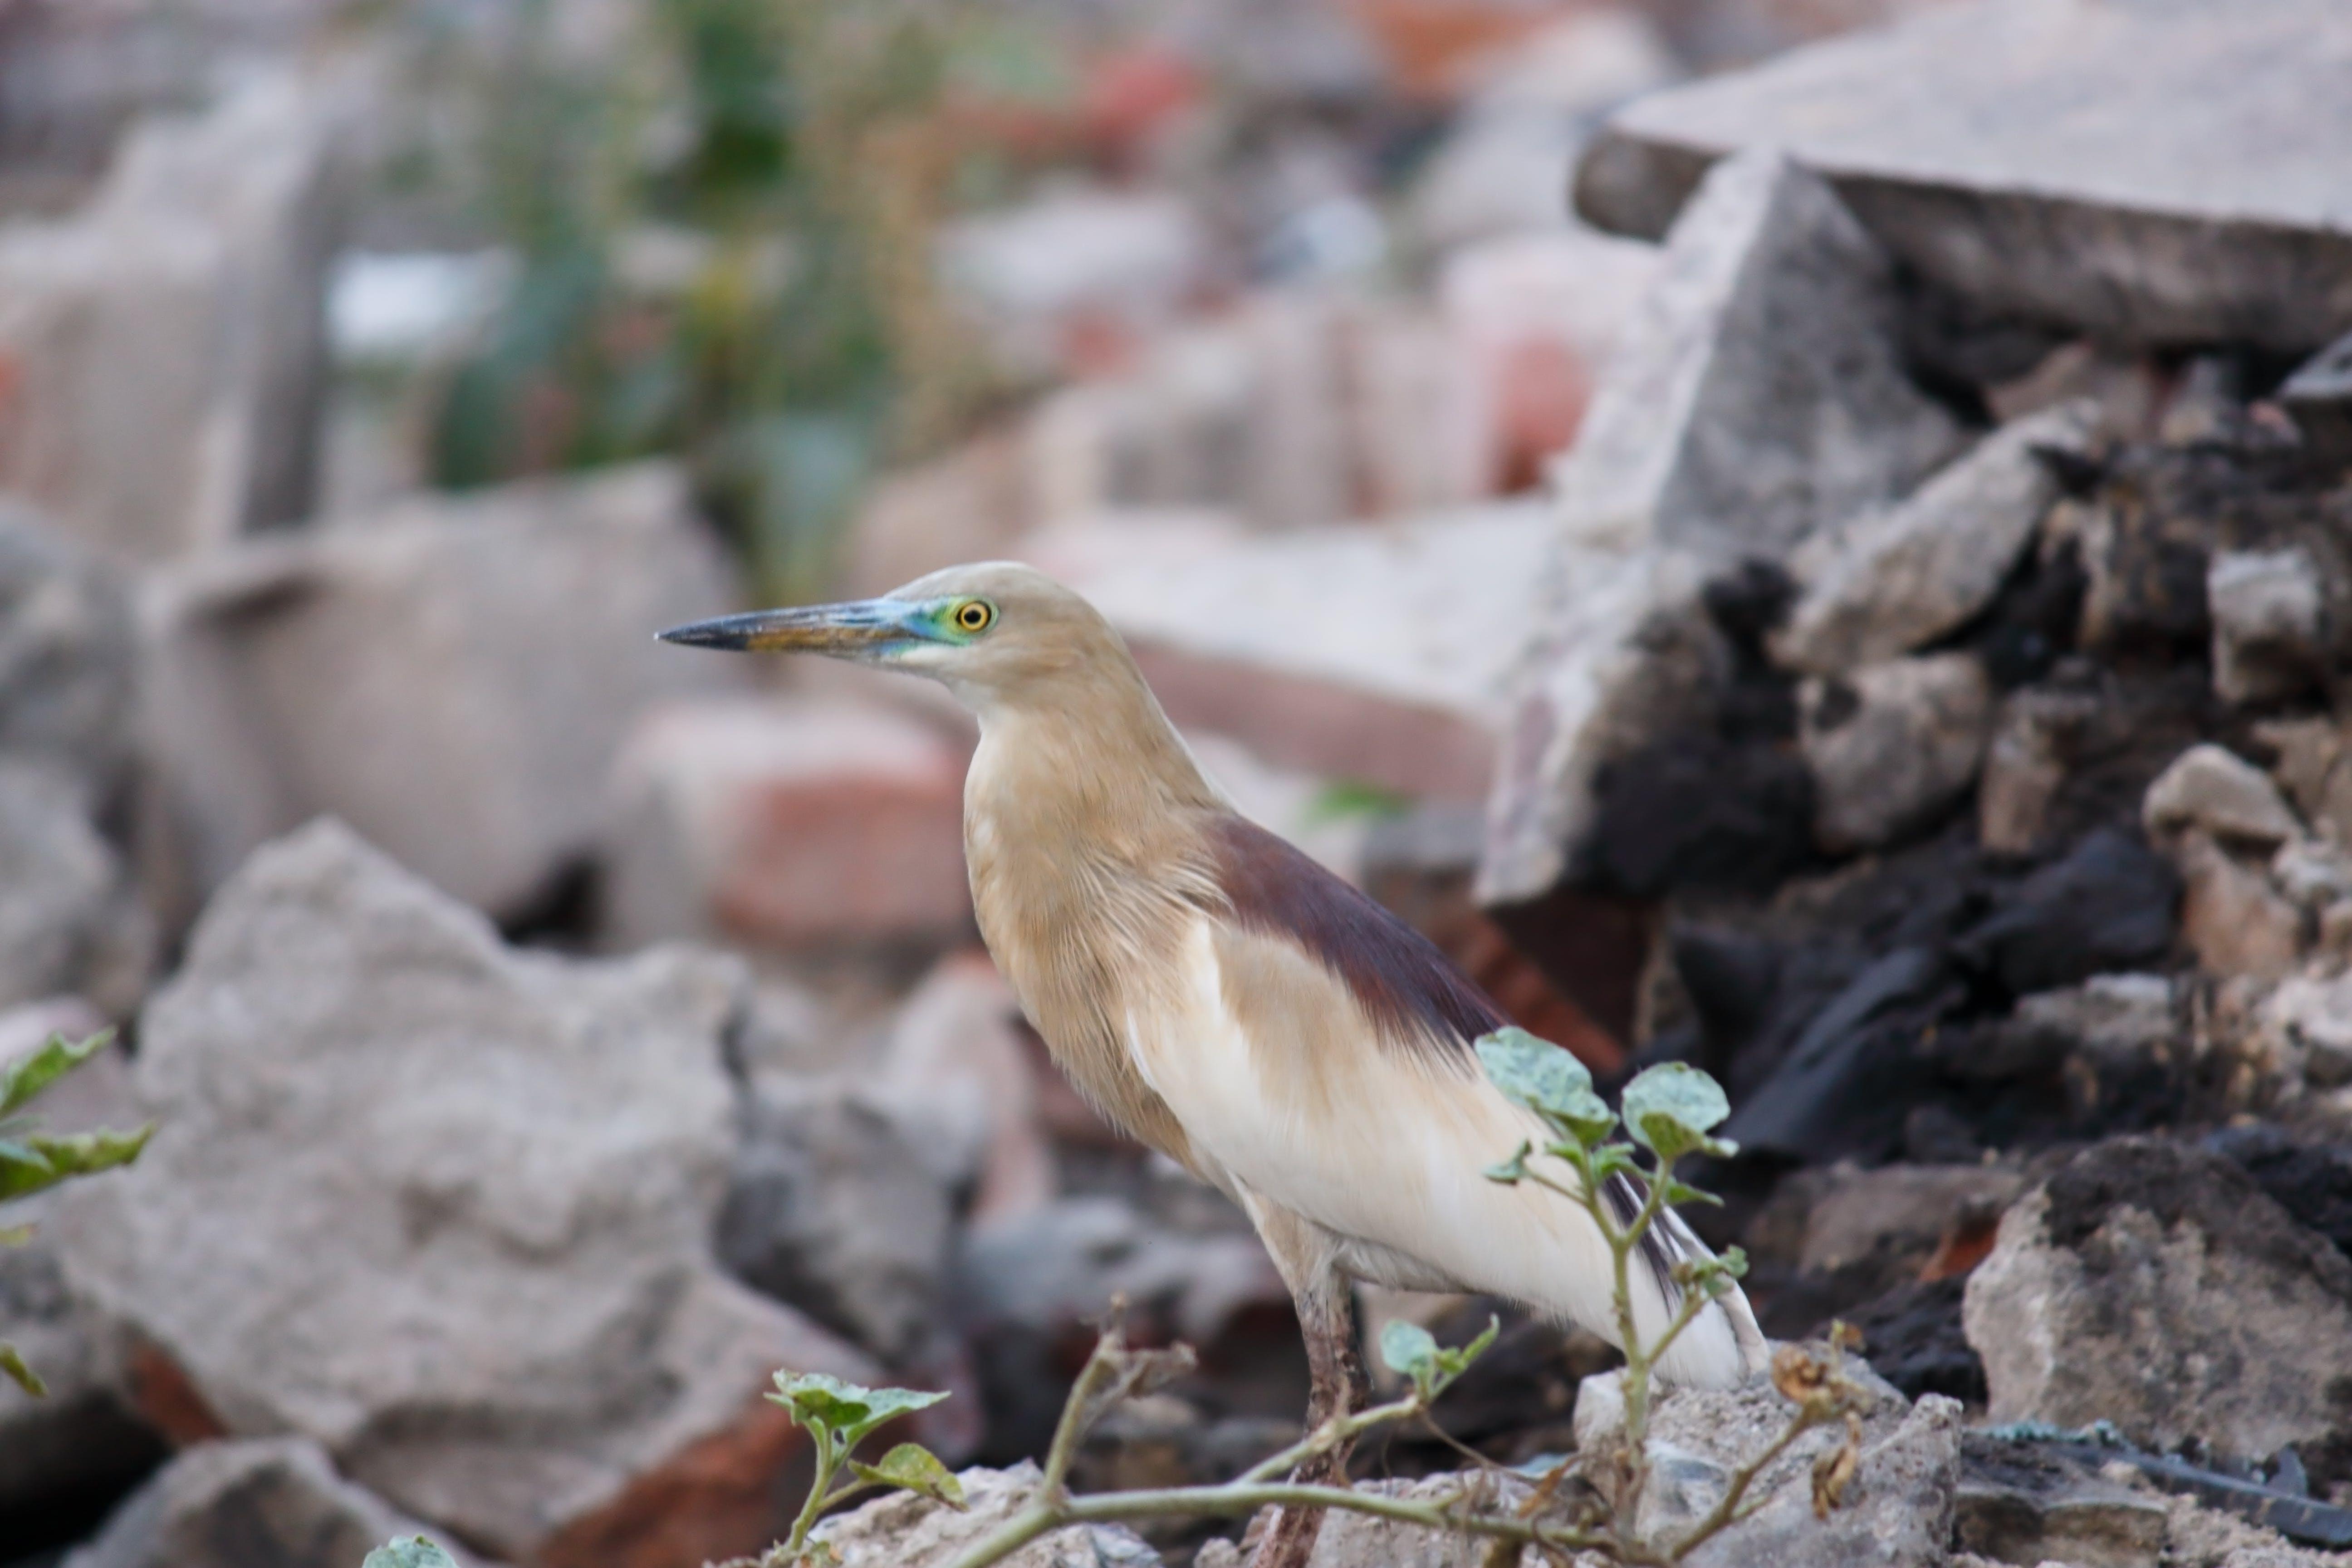 Free stock photo of #birdwatching #thetweetsuites #birdfreaks #nuts_